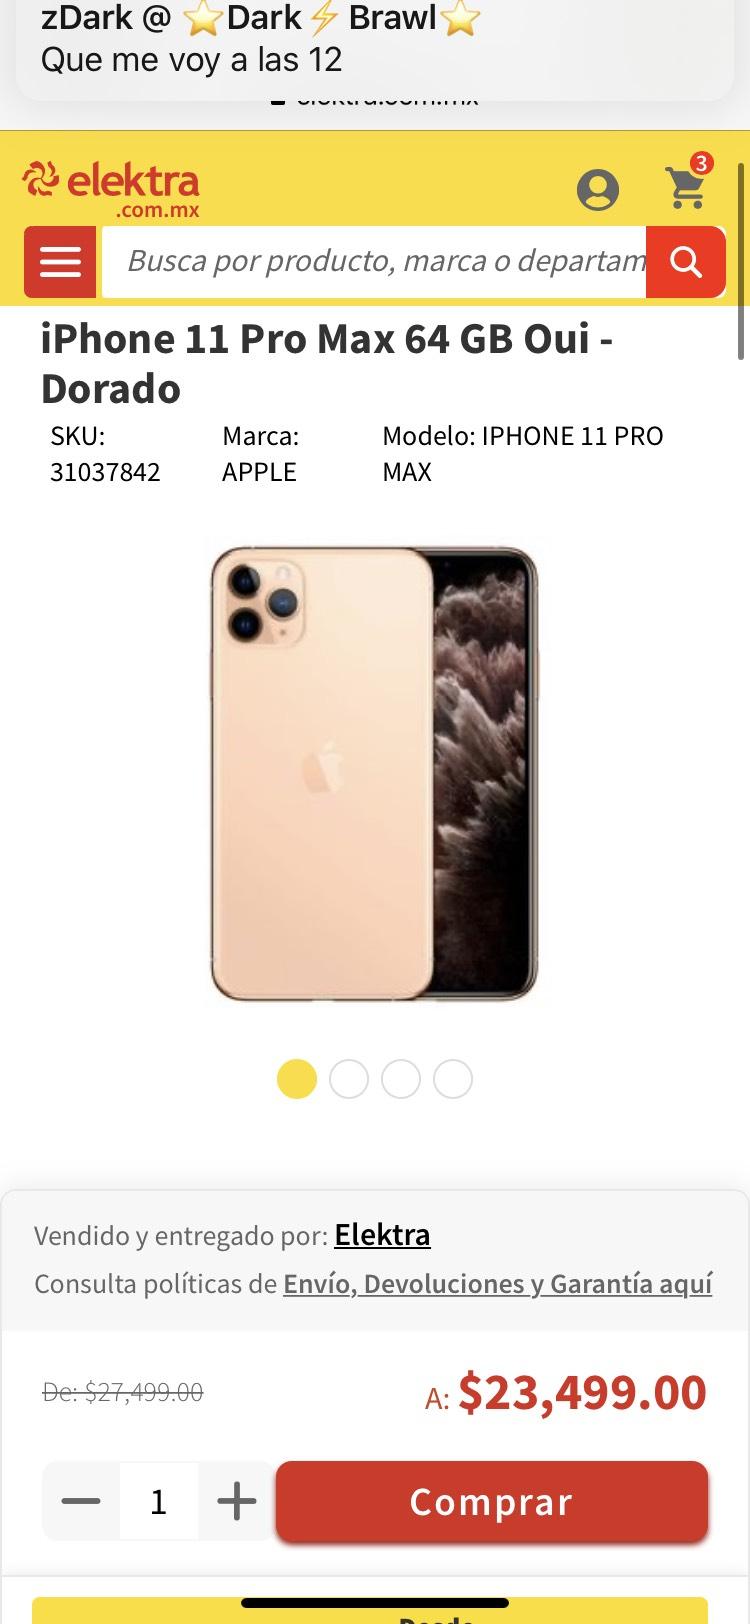 Elektra: iPhone 11 Pro Max 64 GB (Pagando con tarjeta digital Banorte)